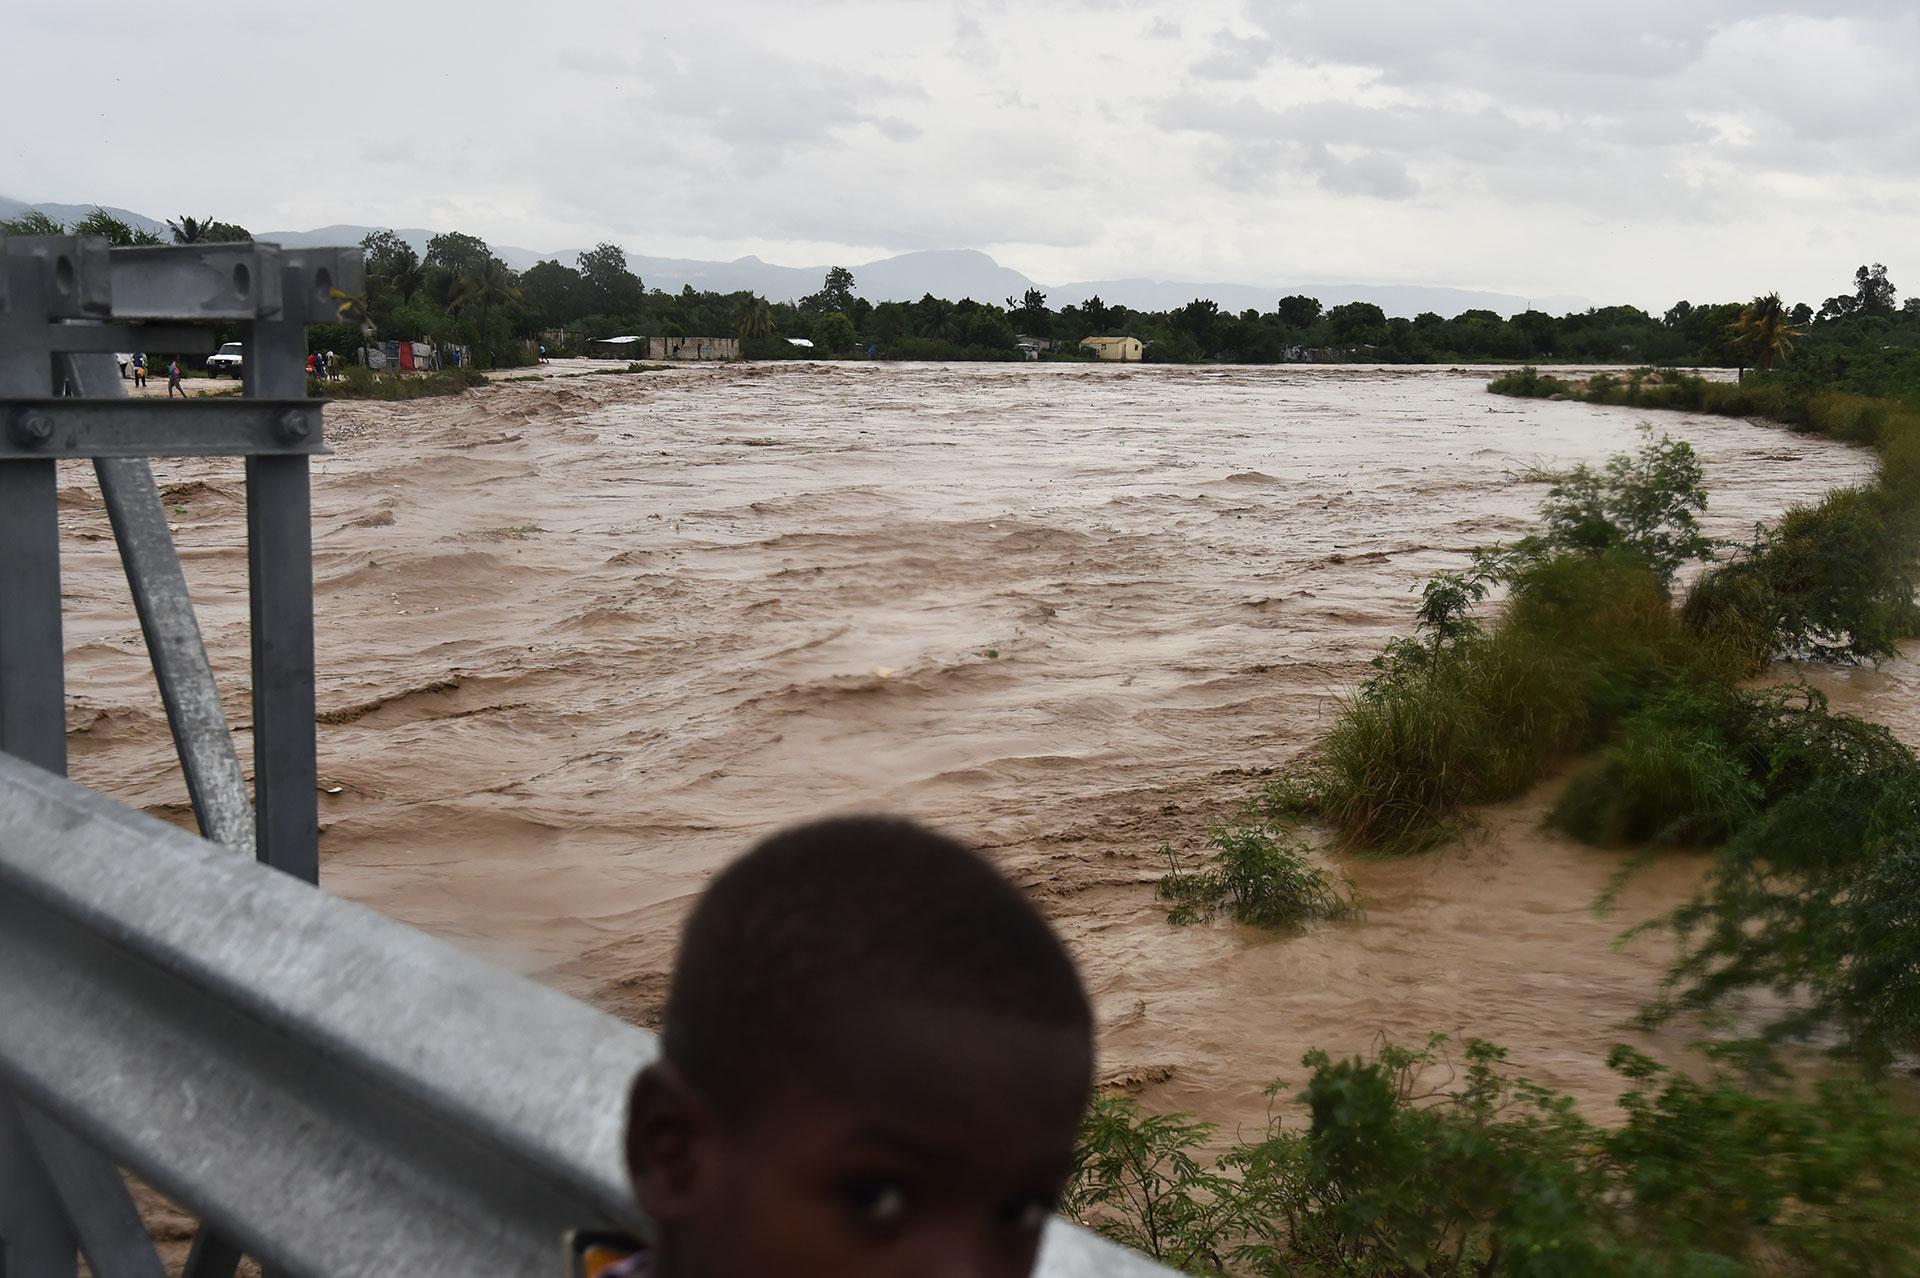 Las inundaciones y caída de árboles es una constante en distintos municipios de Haití (AFP)